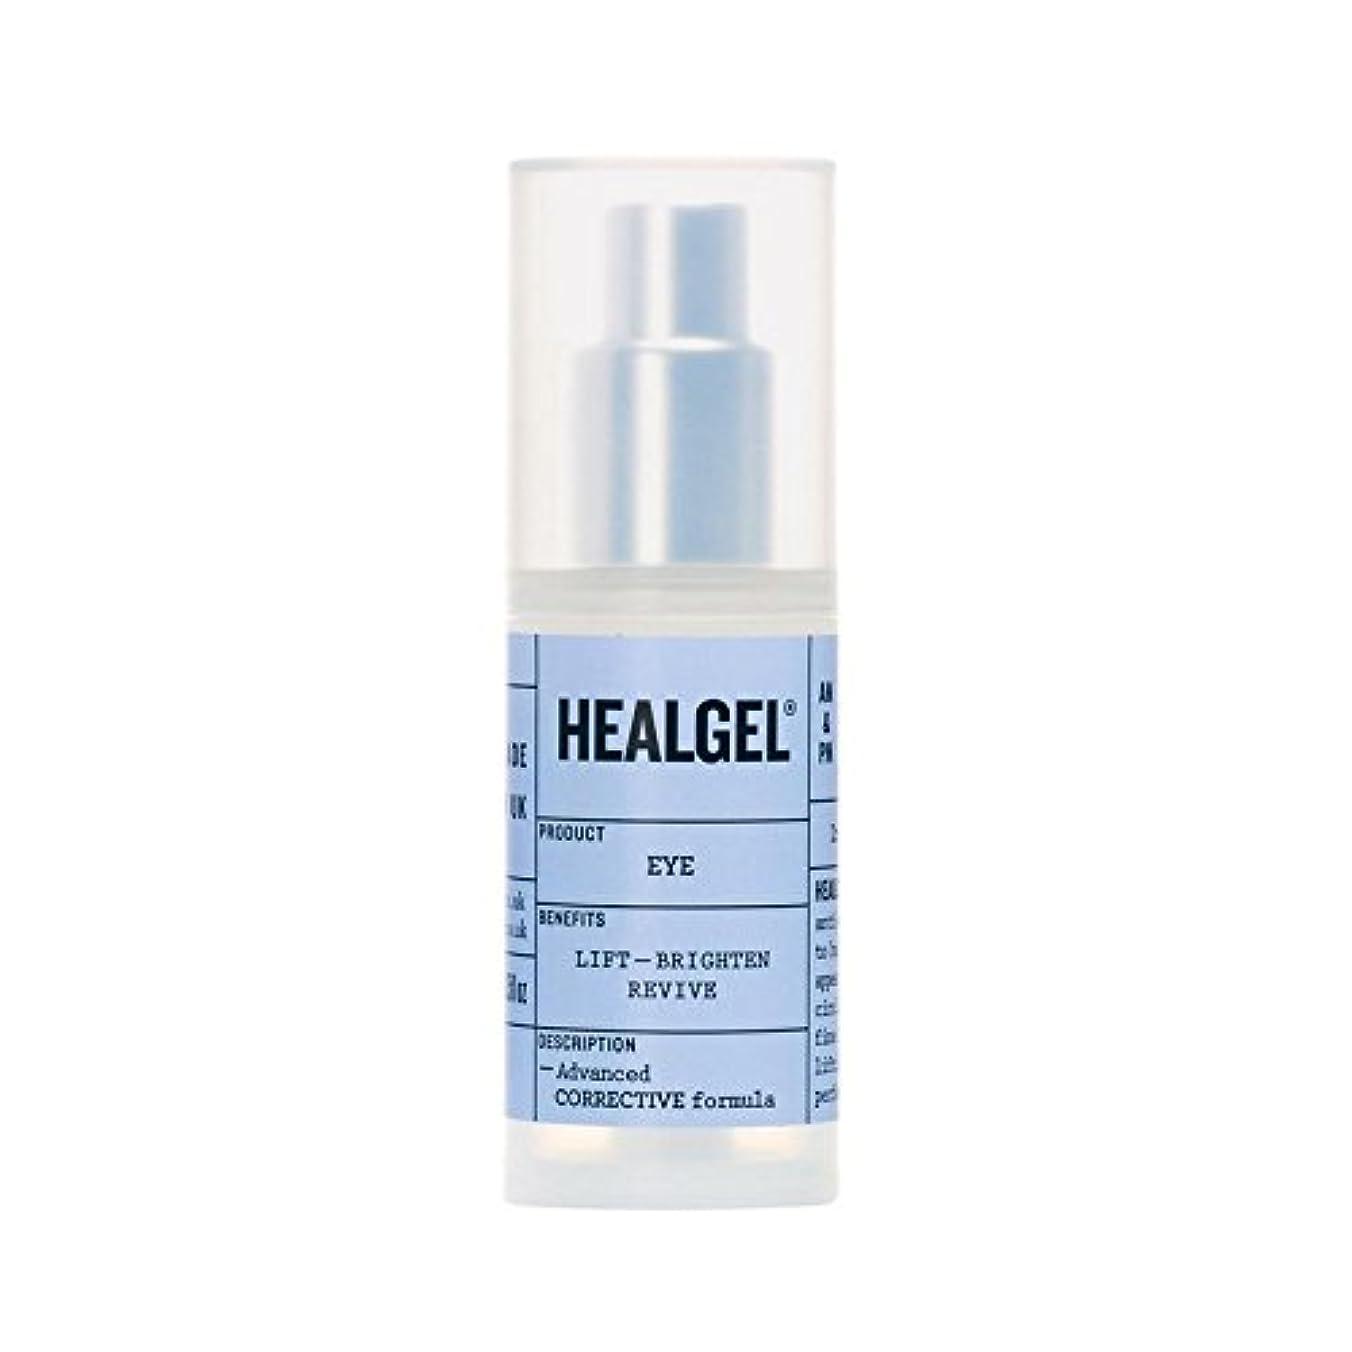 プロトタイプずっとエトナ山ゲル白眼式15ミリリットルを癒します x4 - Heal Gel Brightening Eye Formula 15ml (Pack of 4) [並行輸入品]